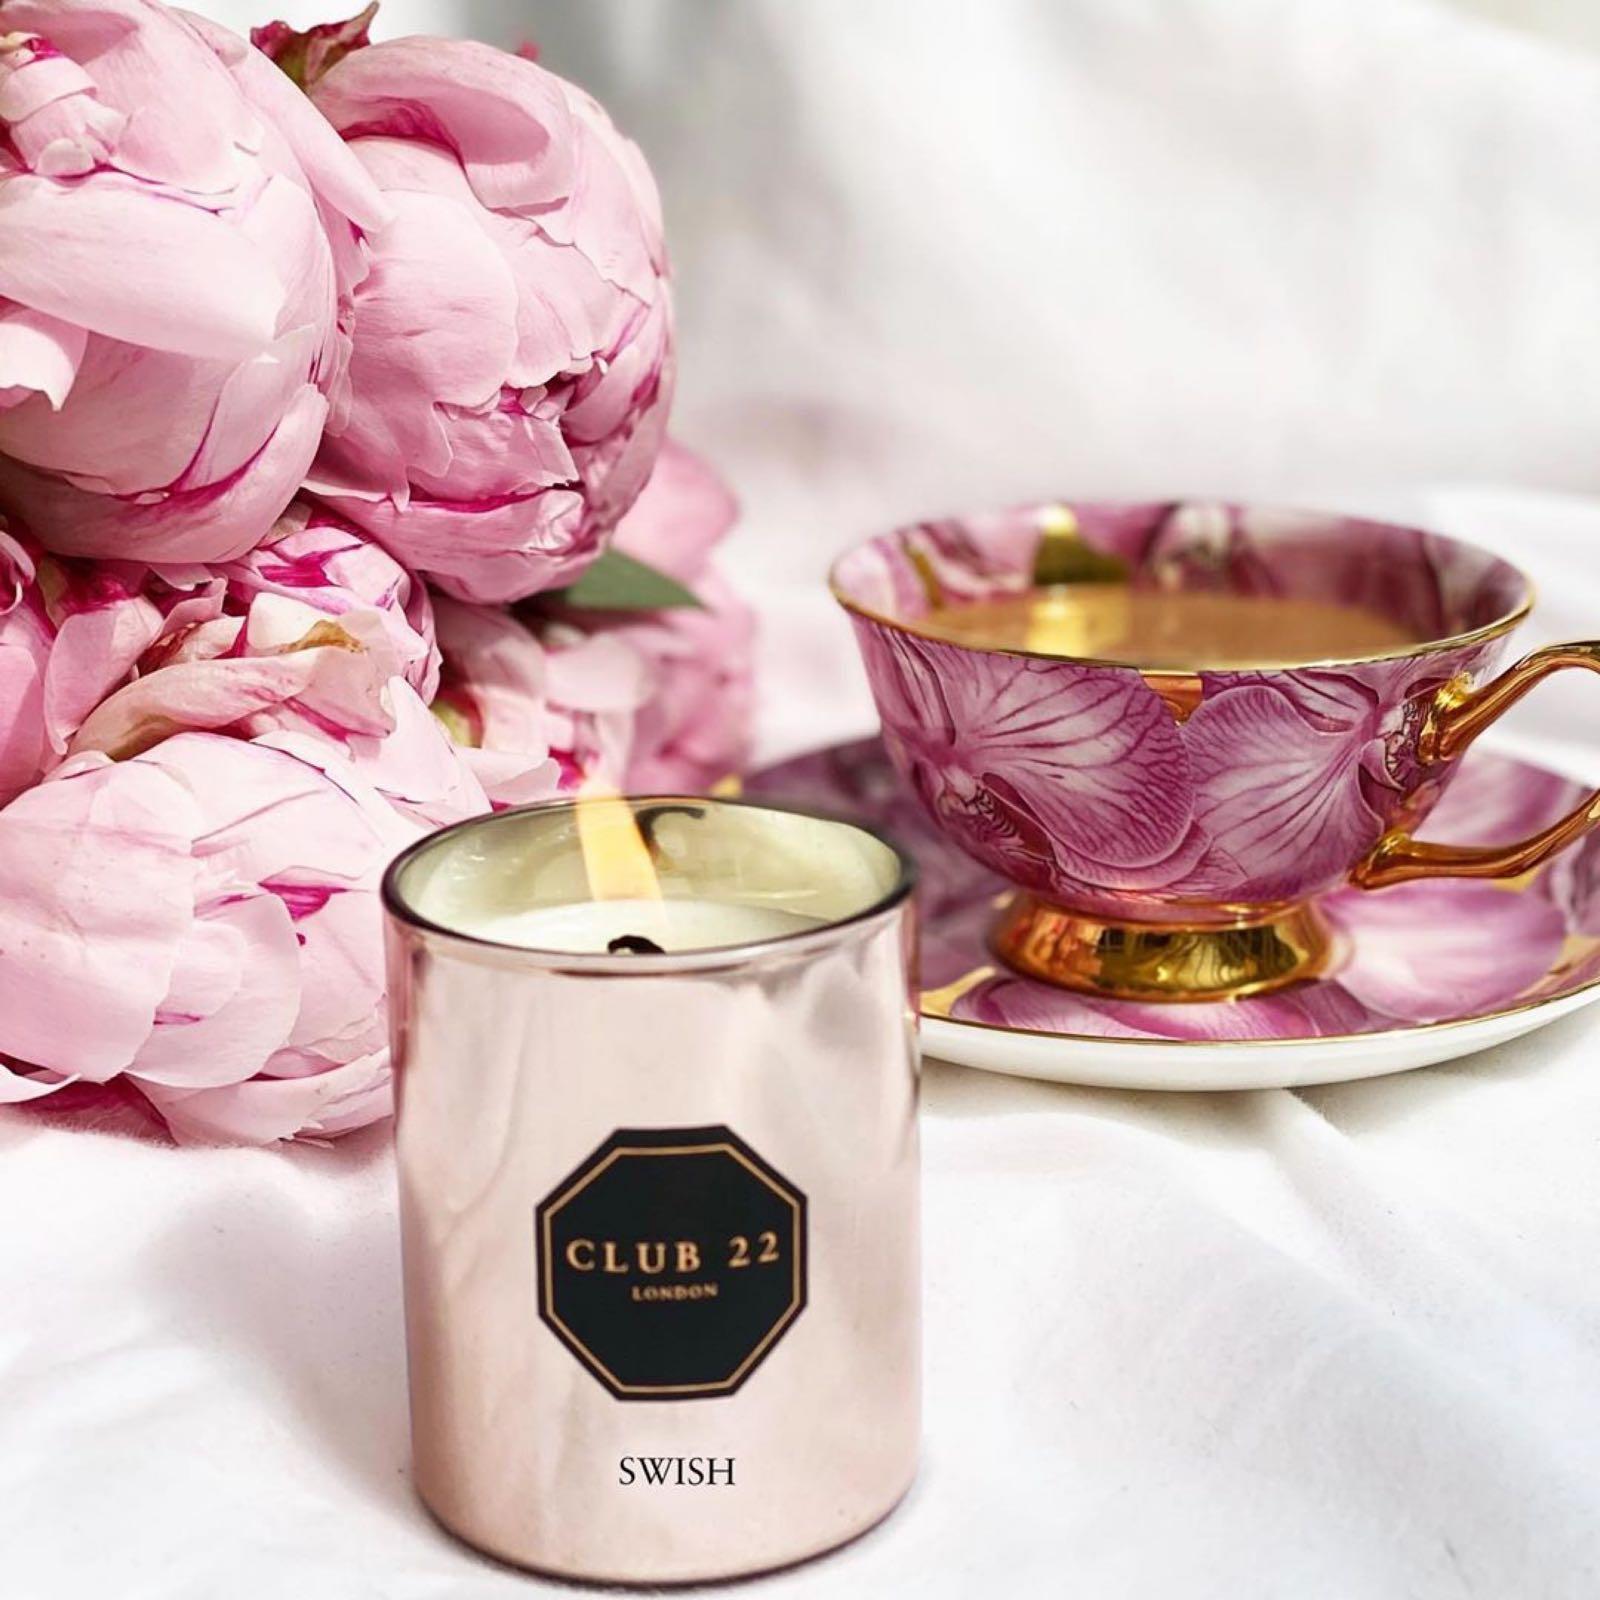 Club 22 London fragranced candle swish 115g